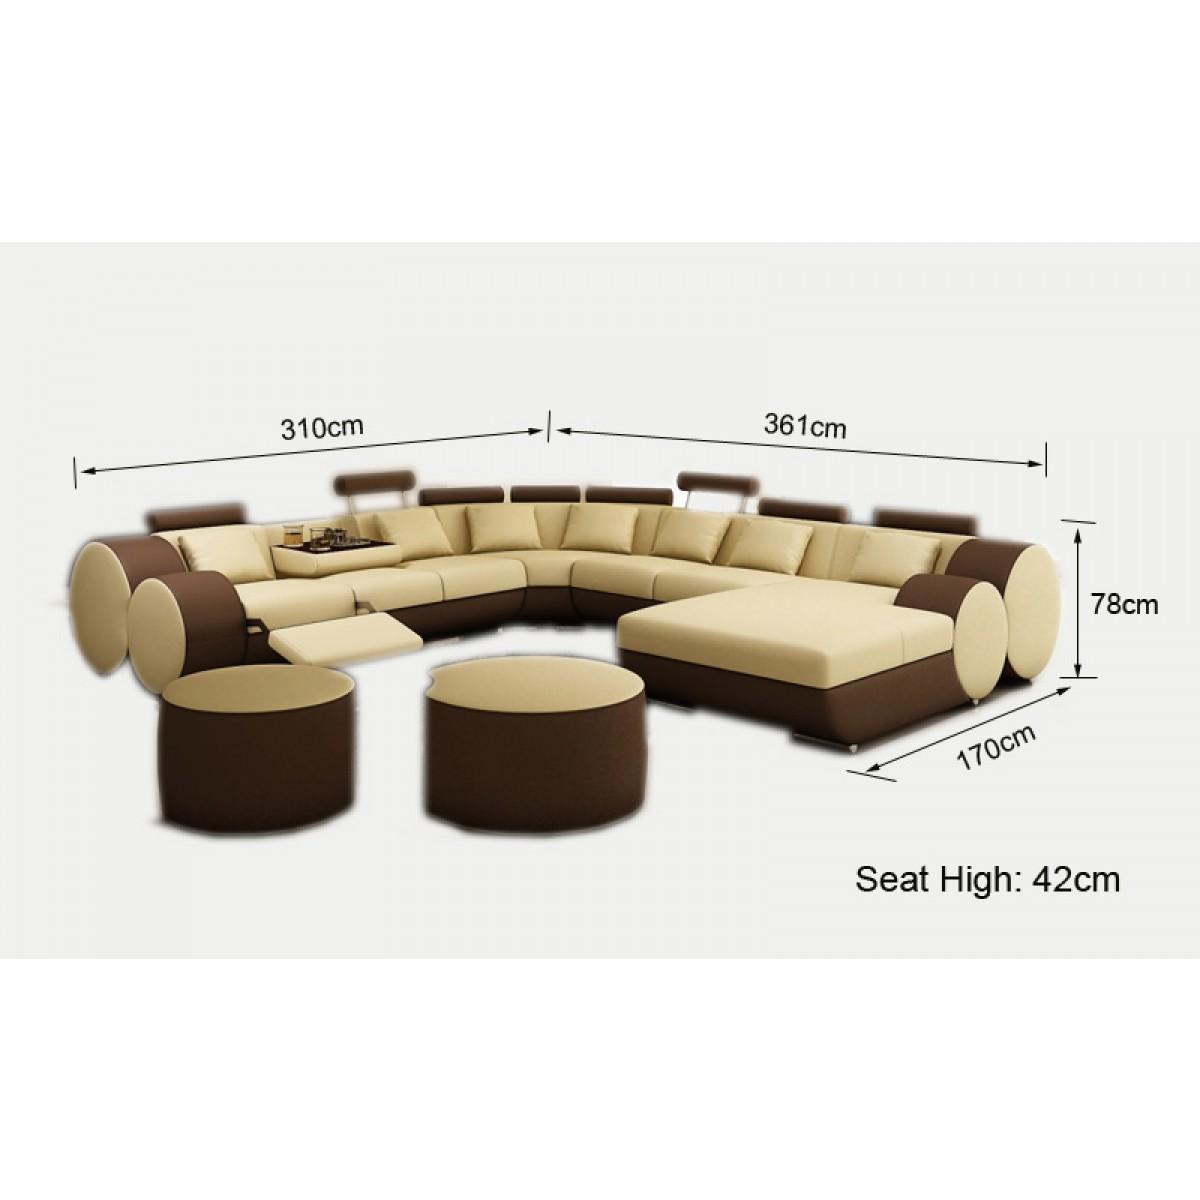 Canapé panoramique en cuir ROLLS 8 places relax